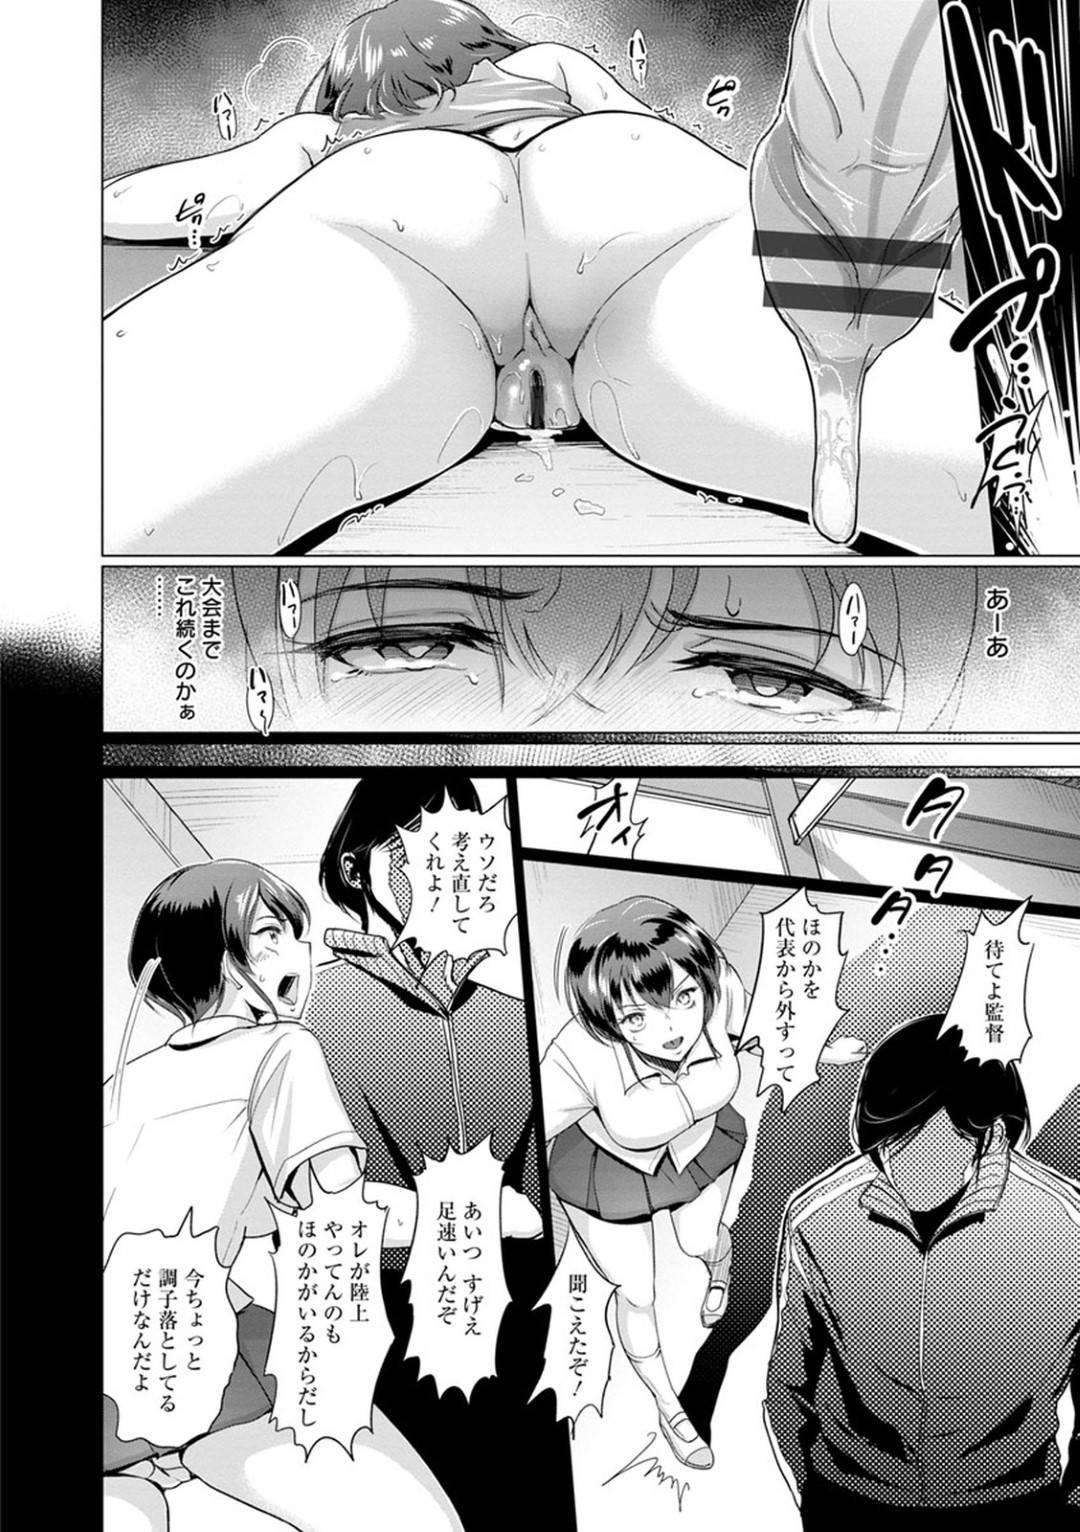 【エロ漫画】シャワーを浴びたいのを我慢して監督に抱かれる陸上部員JK…一緒に大会を出ると約束した友達のために大会まで監督とセックスする約束をすることに!【ビフィダス】